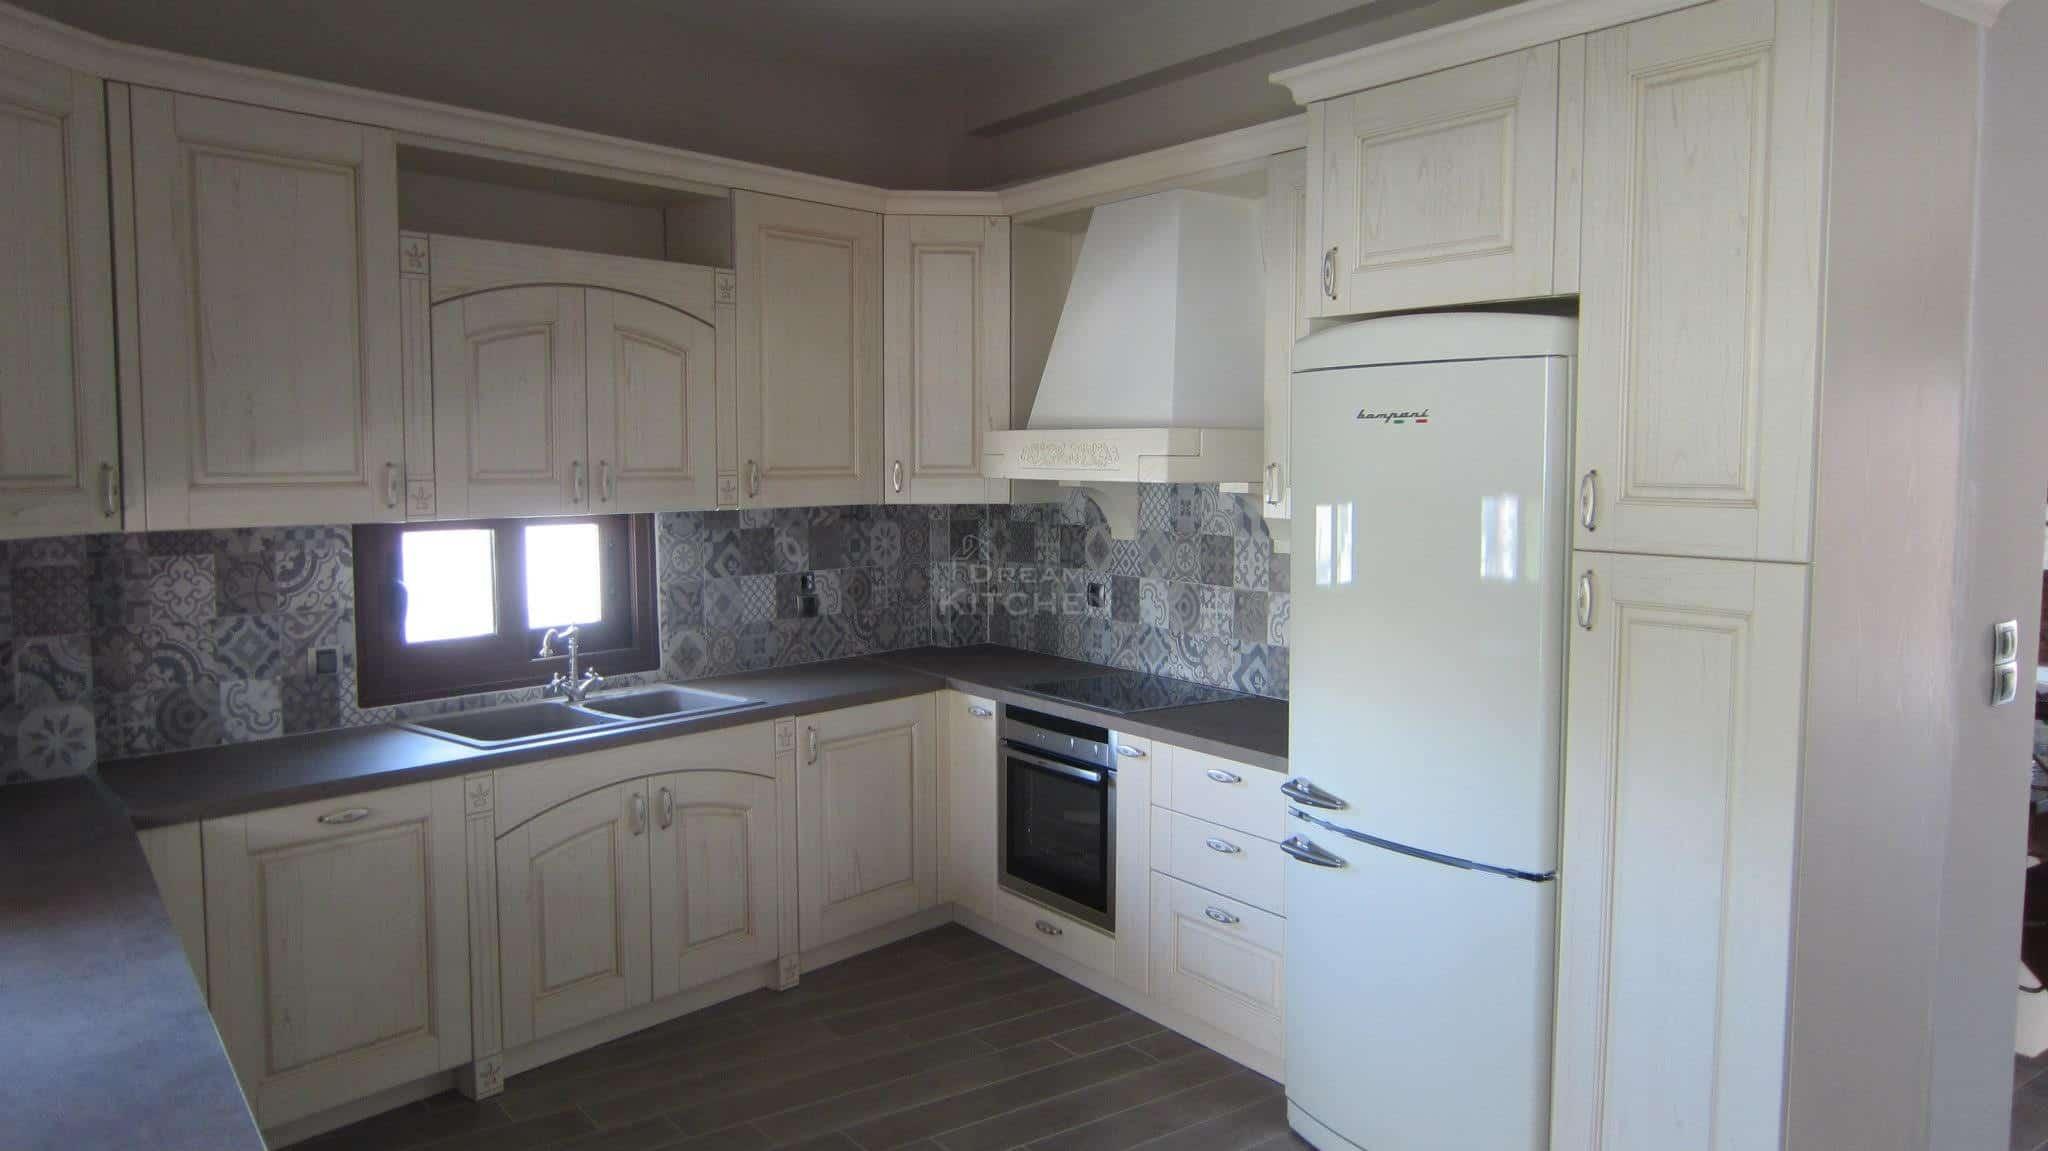 Πλήρης επίπλωση κατοικίας κουζινα μασιφ 59